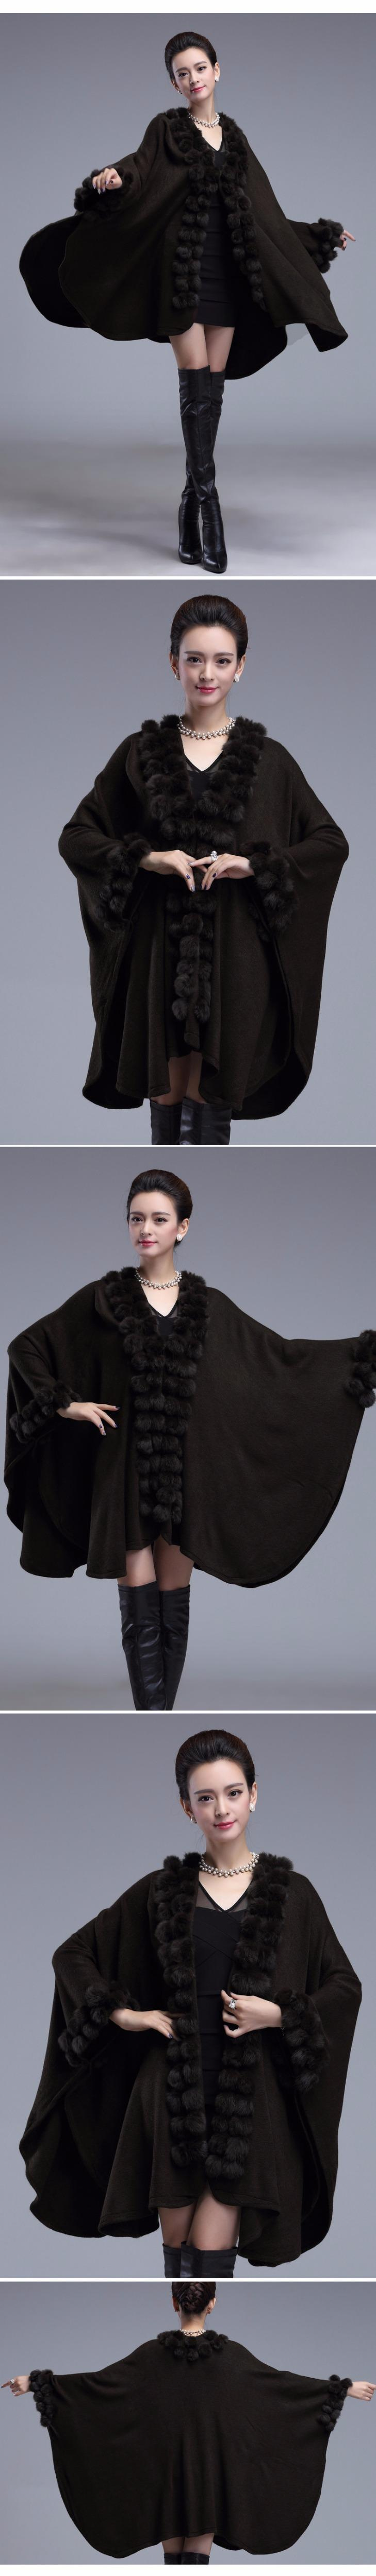 SC54 Para Mujer Capos Negros Poncho 2018 Invierno Bola de Piel de Conejo Chal Gran Tamaño Suéter de Punto Capa de Cachemira Larga Italiana Largo